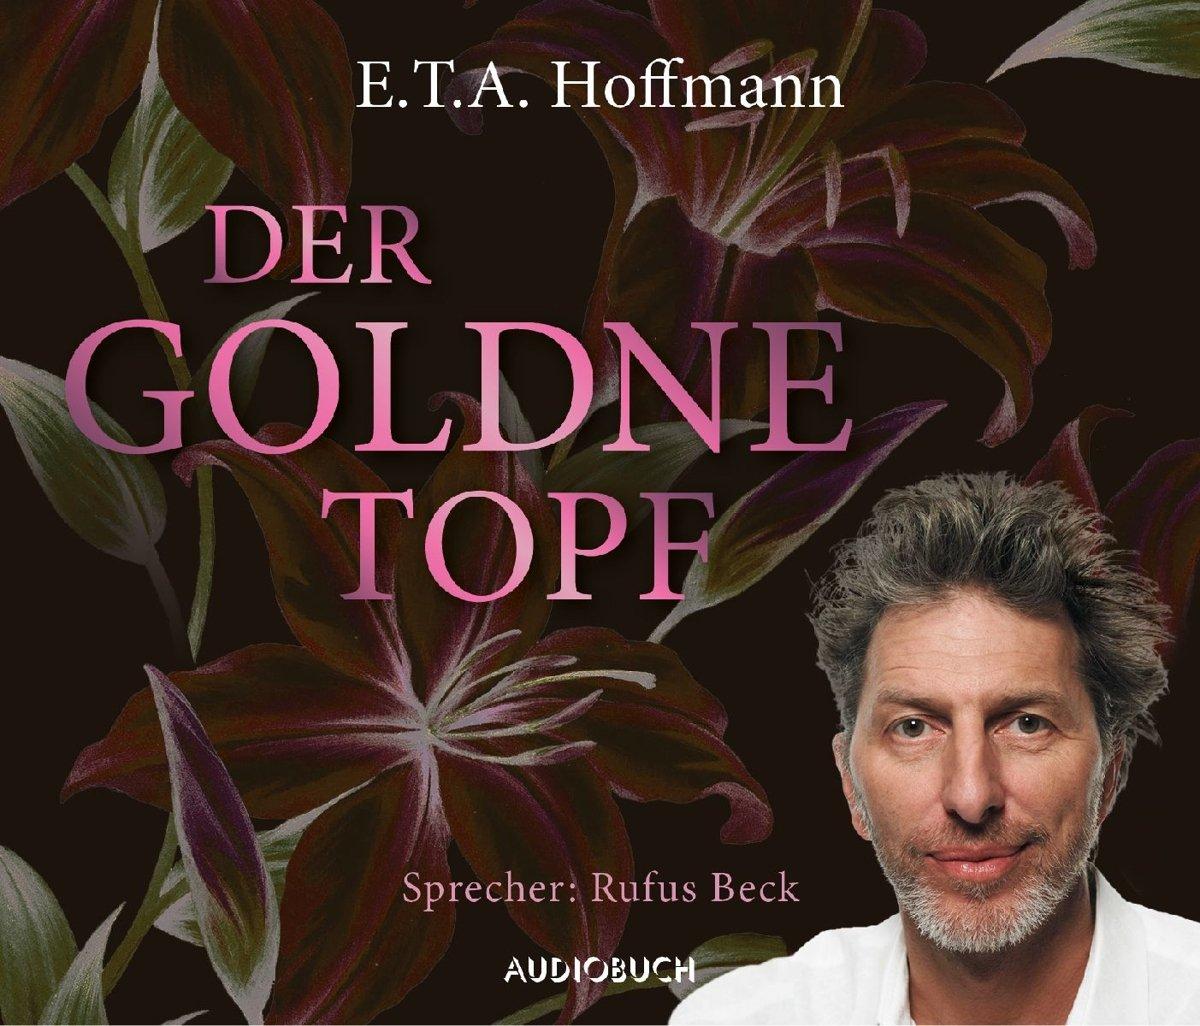 der-goldne-topf-ungekrzte-lesung-auf-3-audio-cds-mit-232-minuten